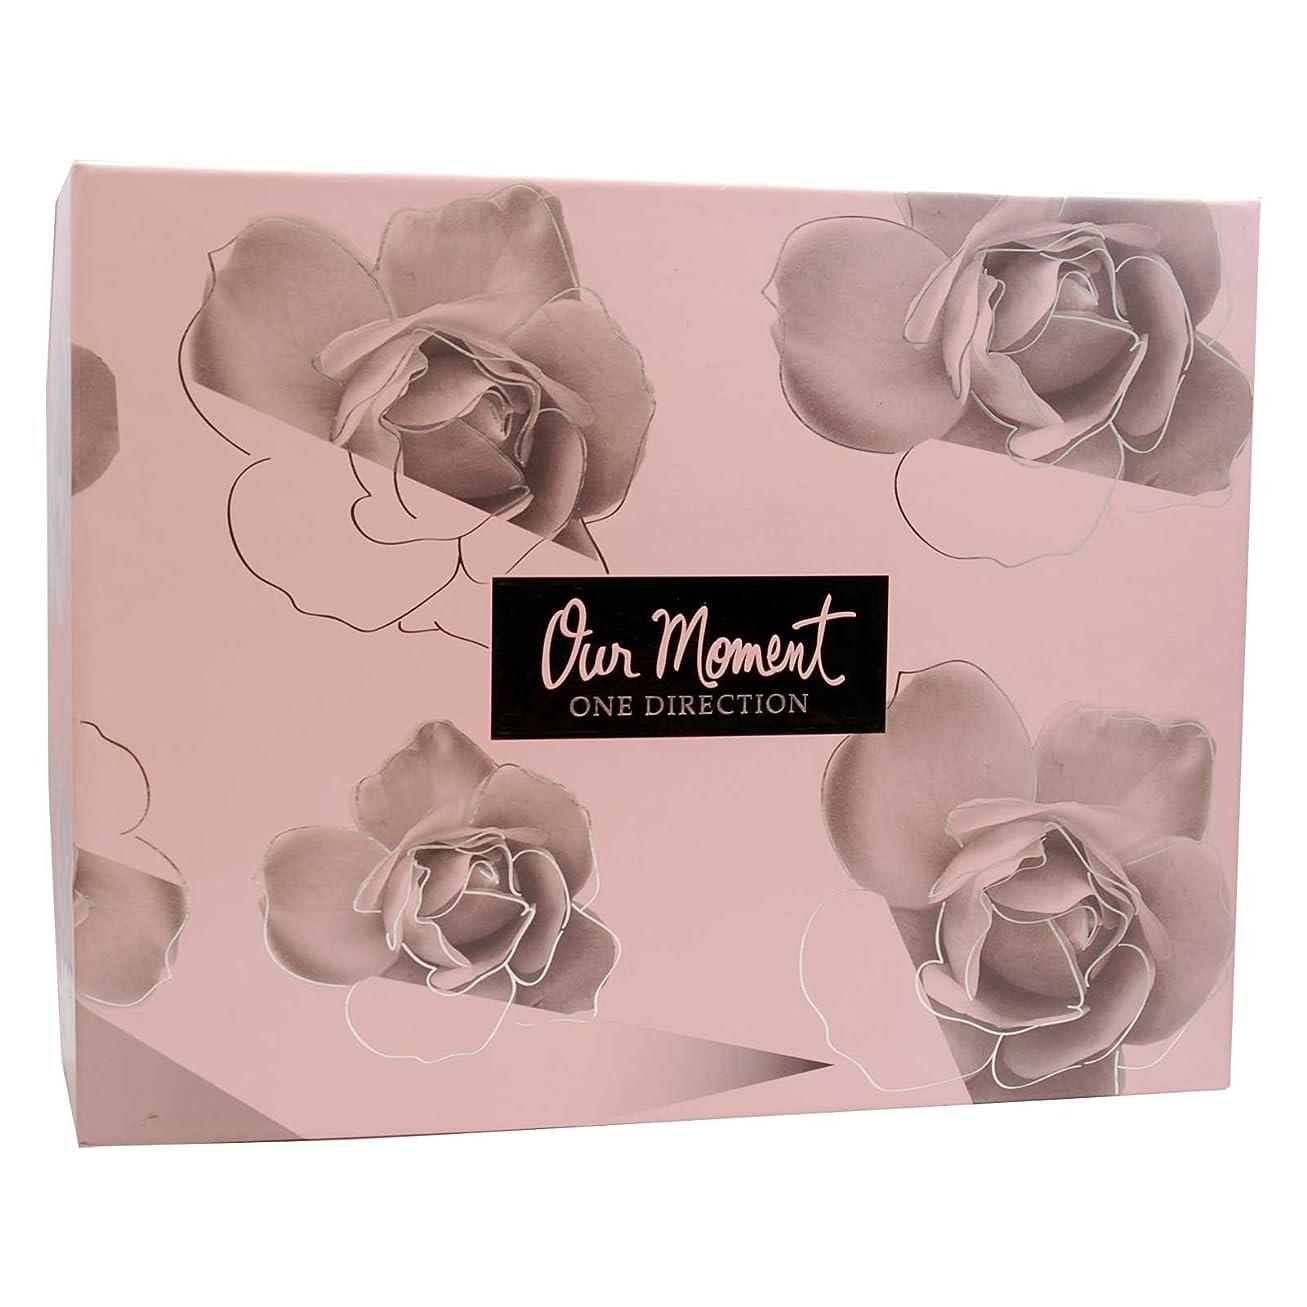 メリー複数お金Our Moment (アワー モーメント) Gift Set (ギフトセット) by One Direction